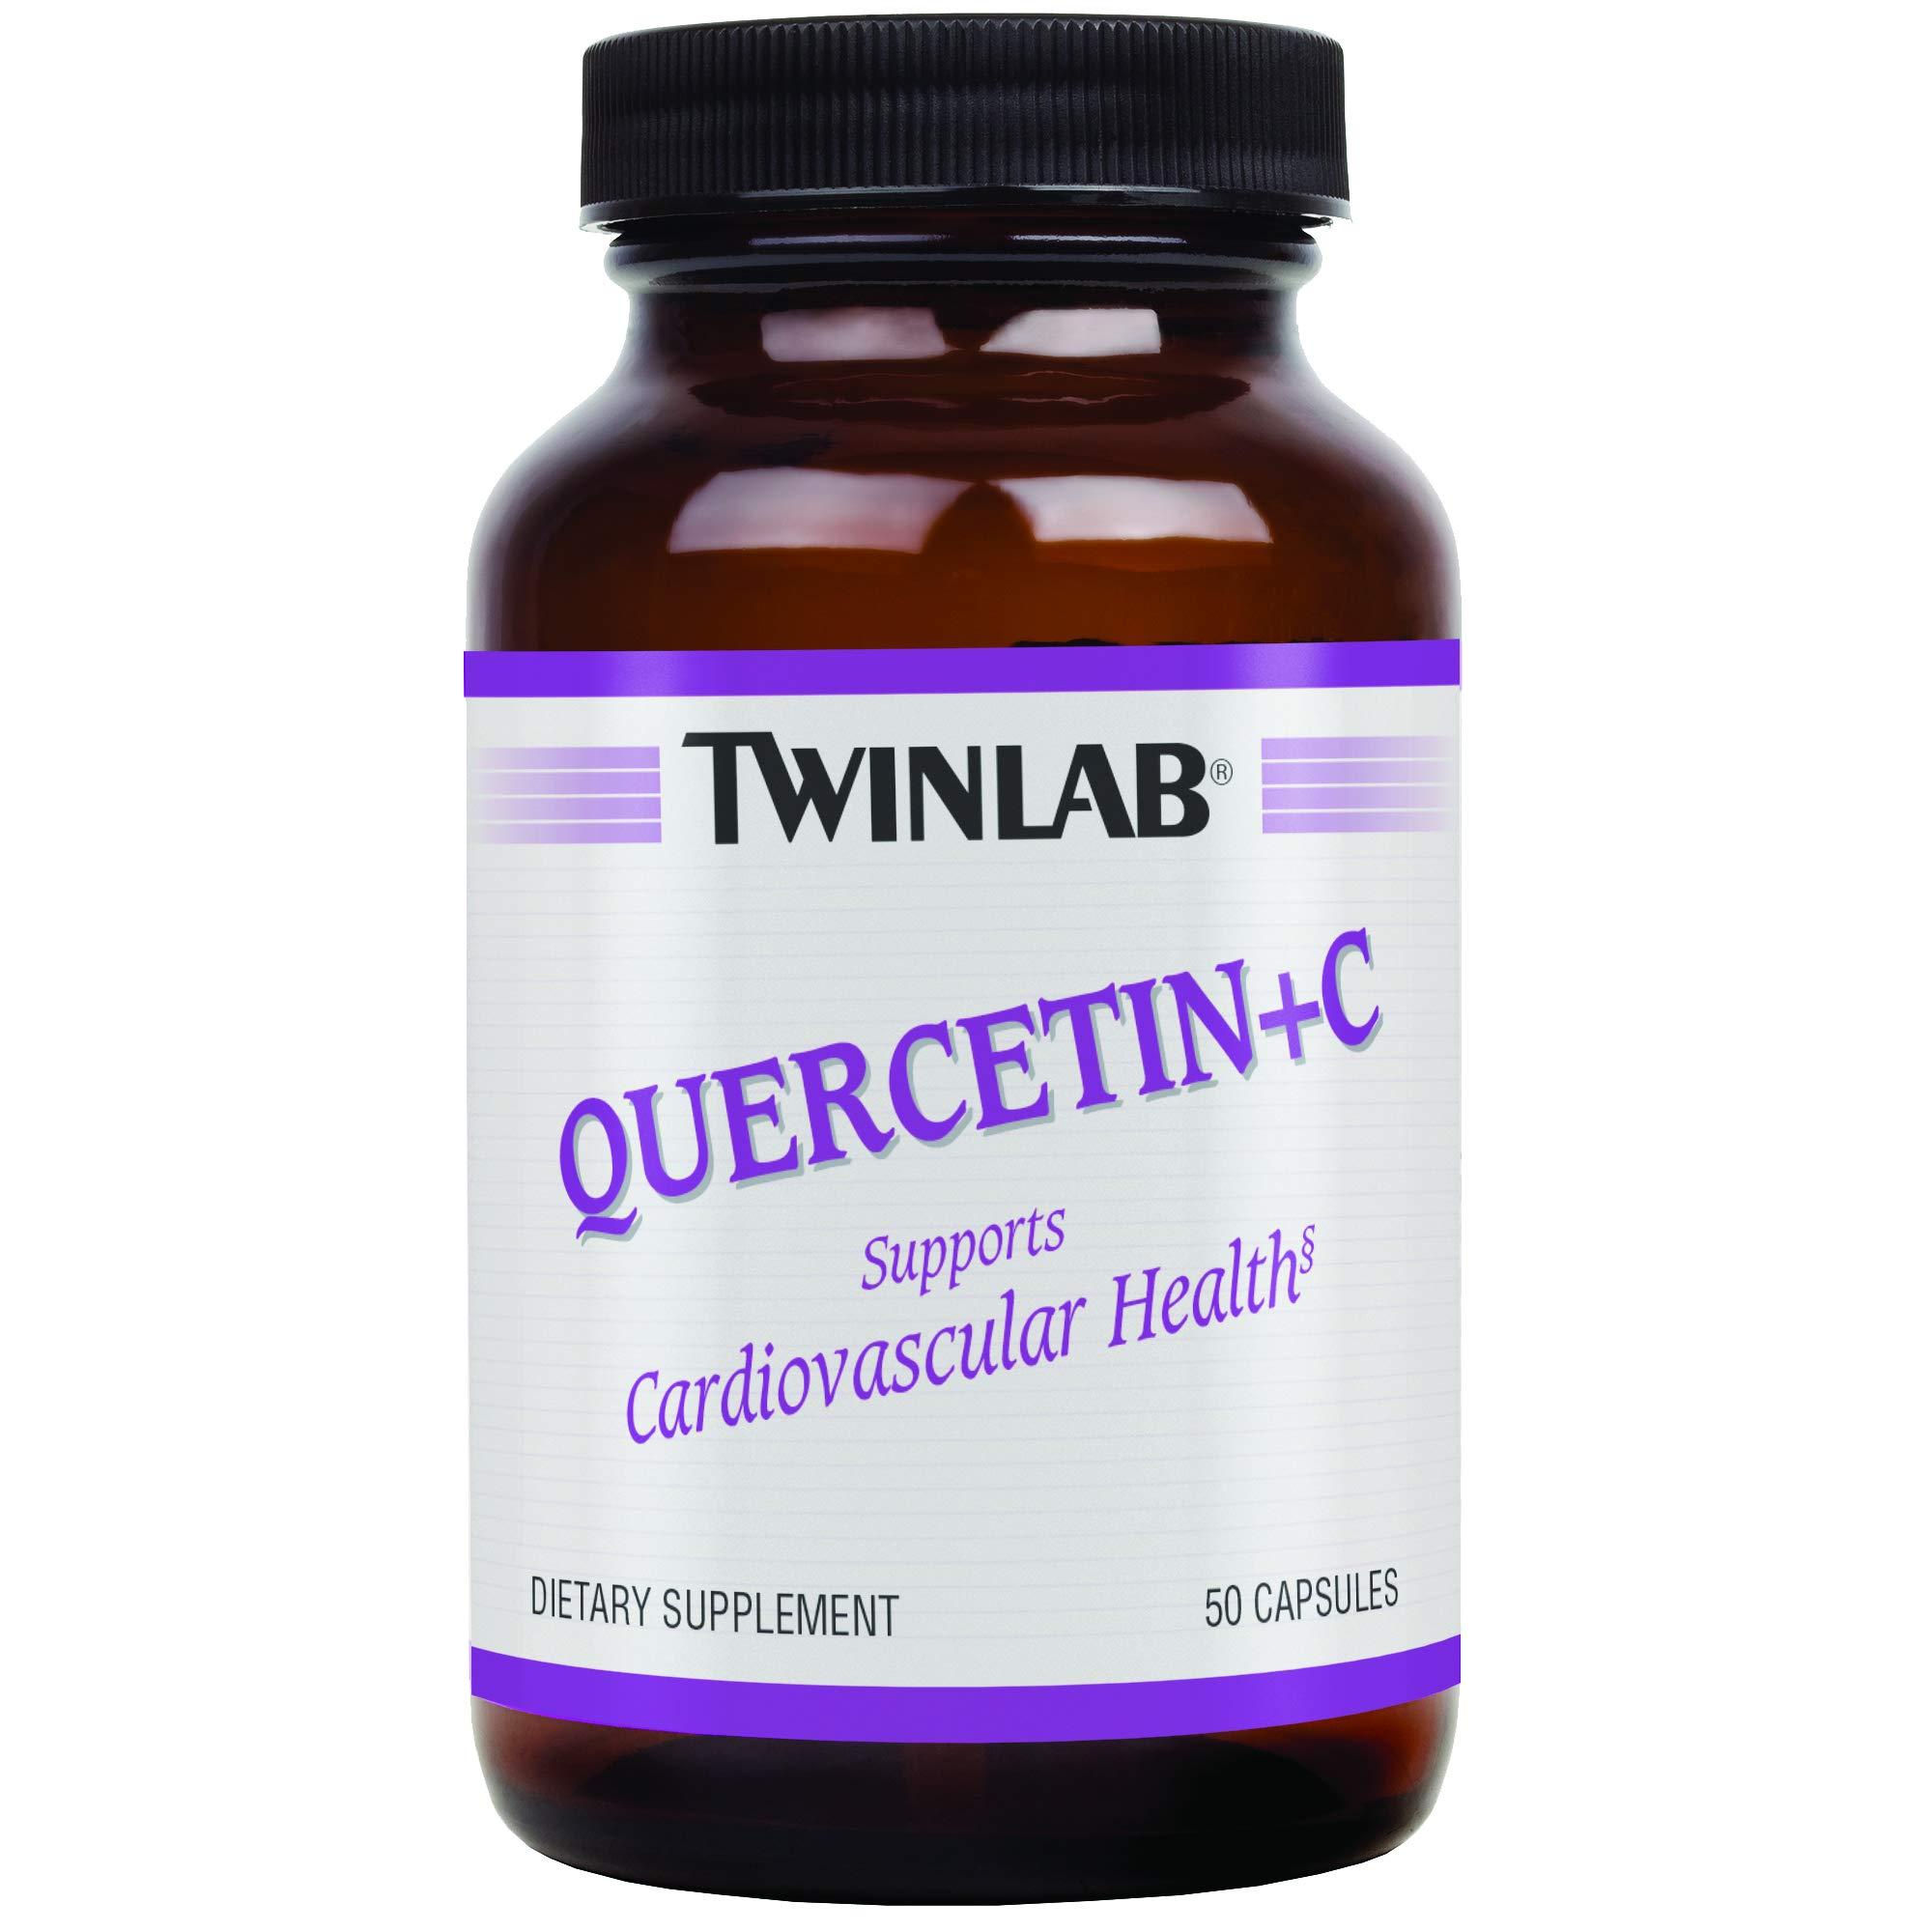 TwinLab Quercetin + C, with Corn-Free Vitamin C, Capsules, 50 capsules